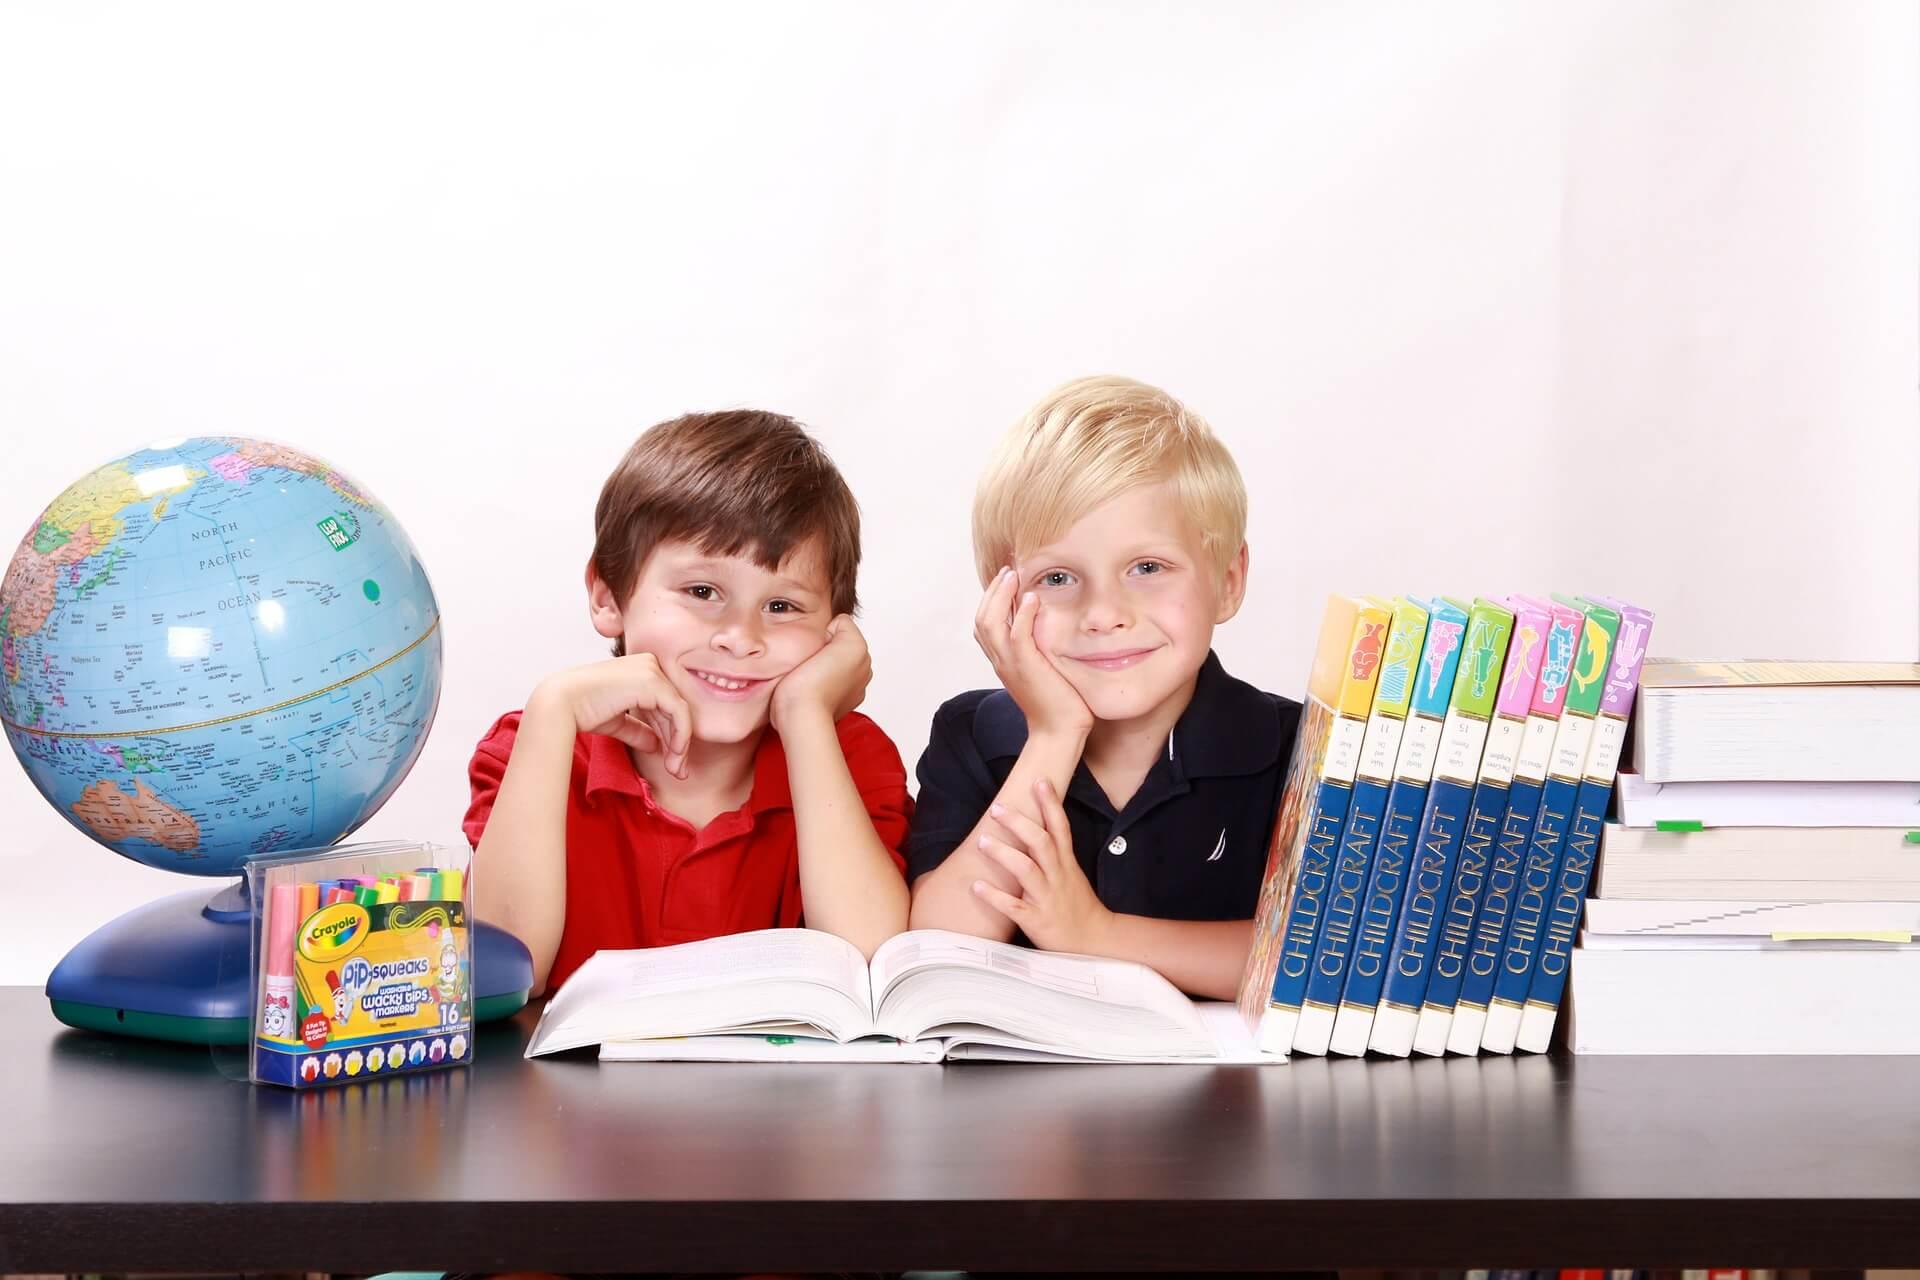 男の子の兄弟が勉強をしている